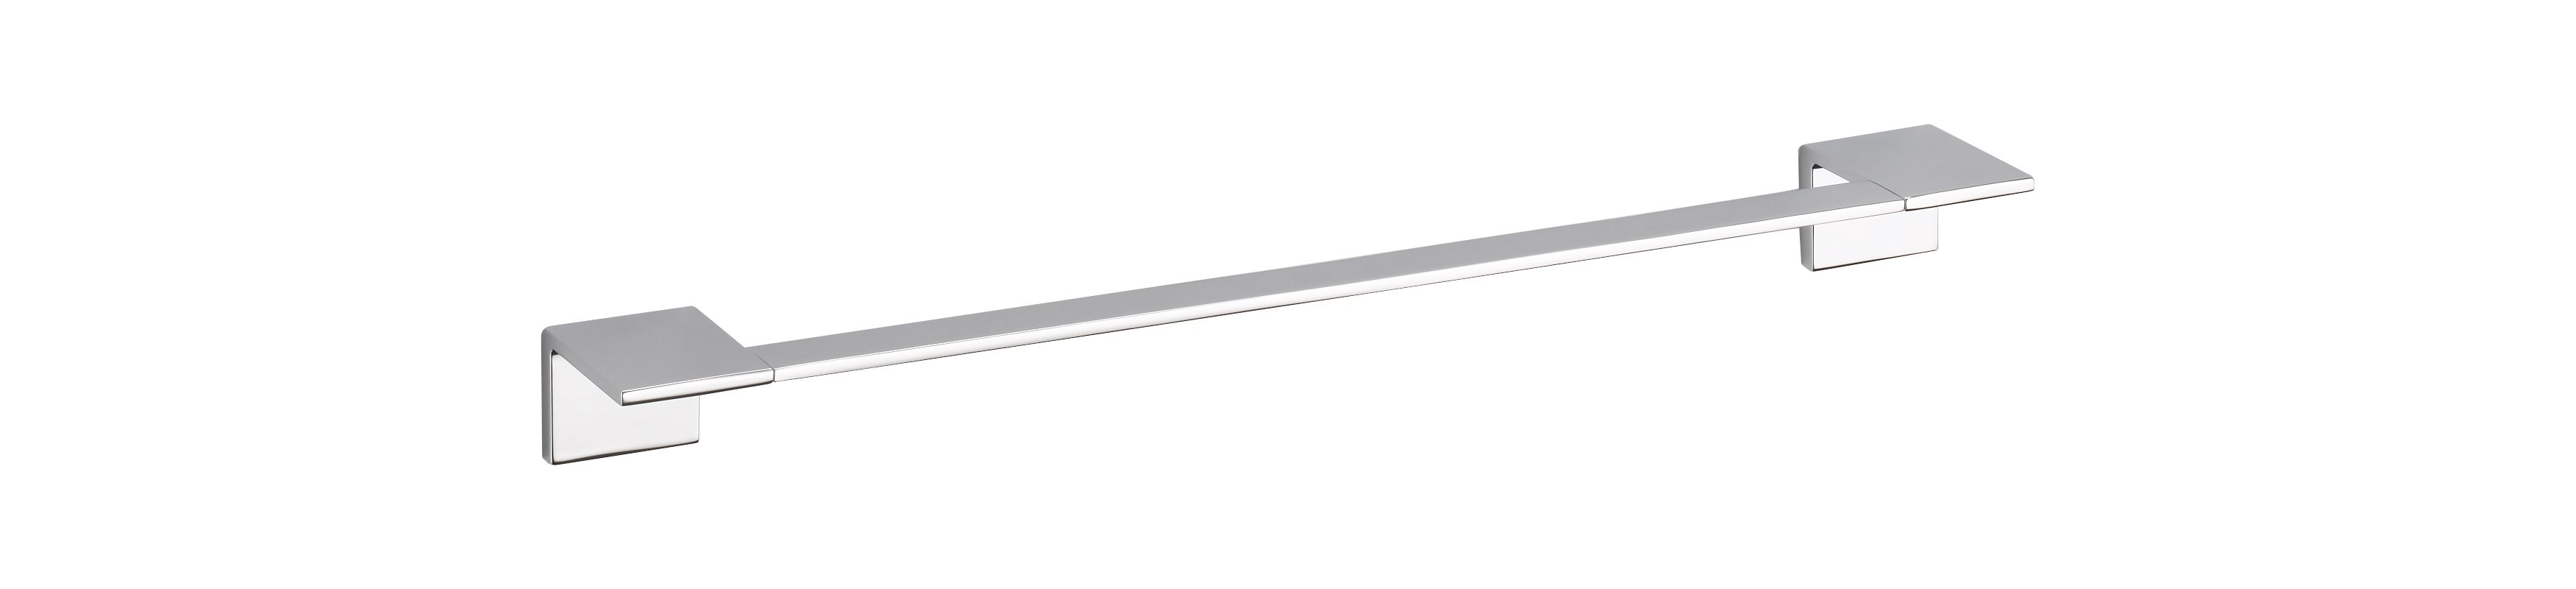 Delta 77718 Chrome Vero 18 Quot Towel Bar Faucetdirect Com